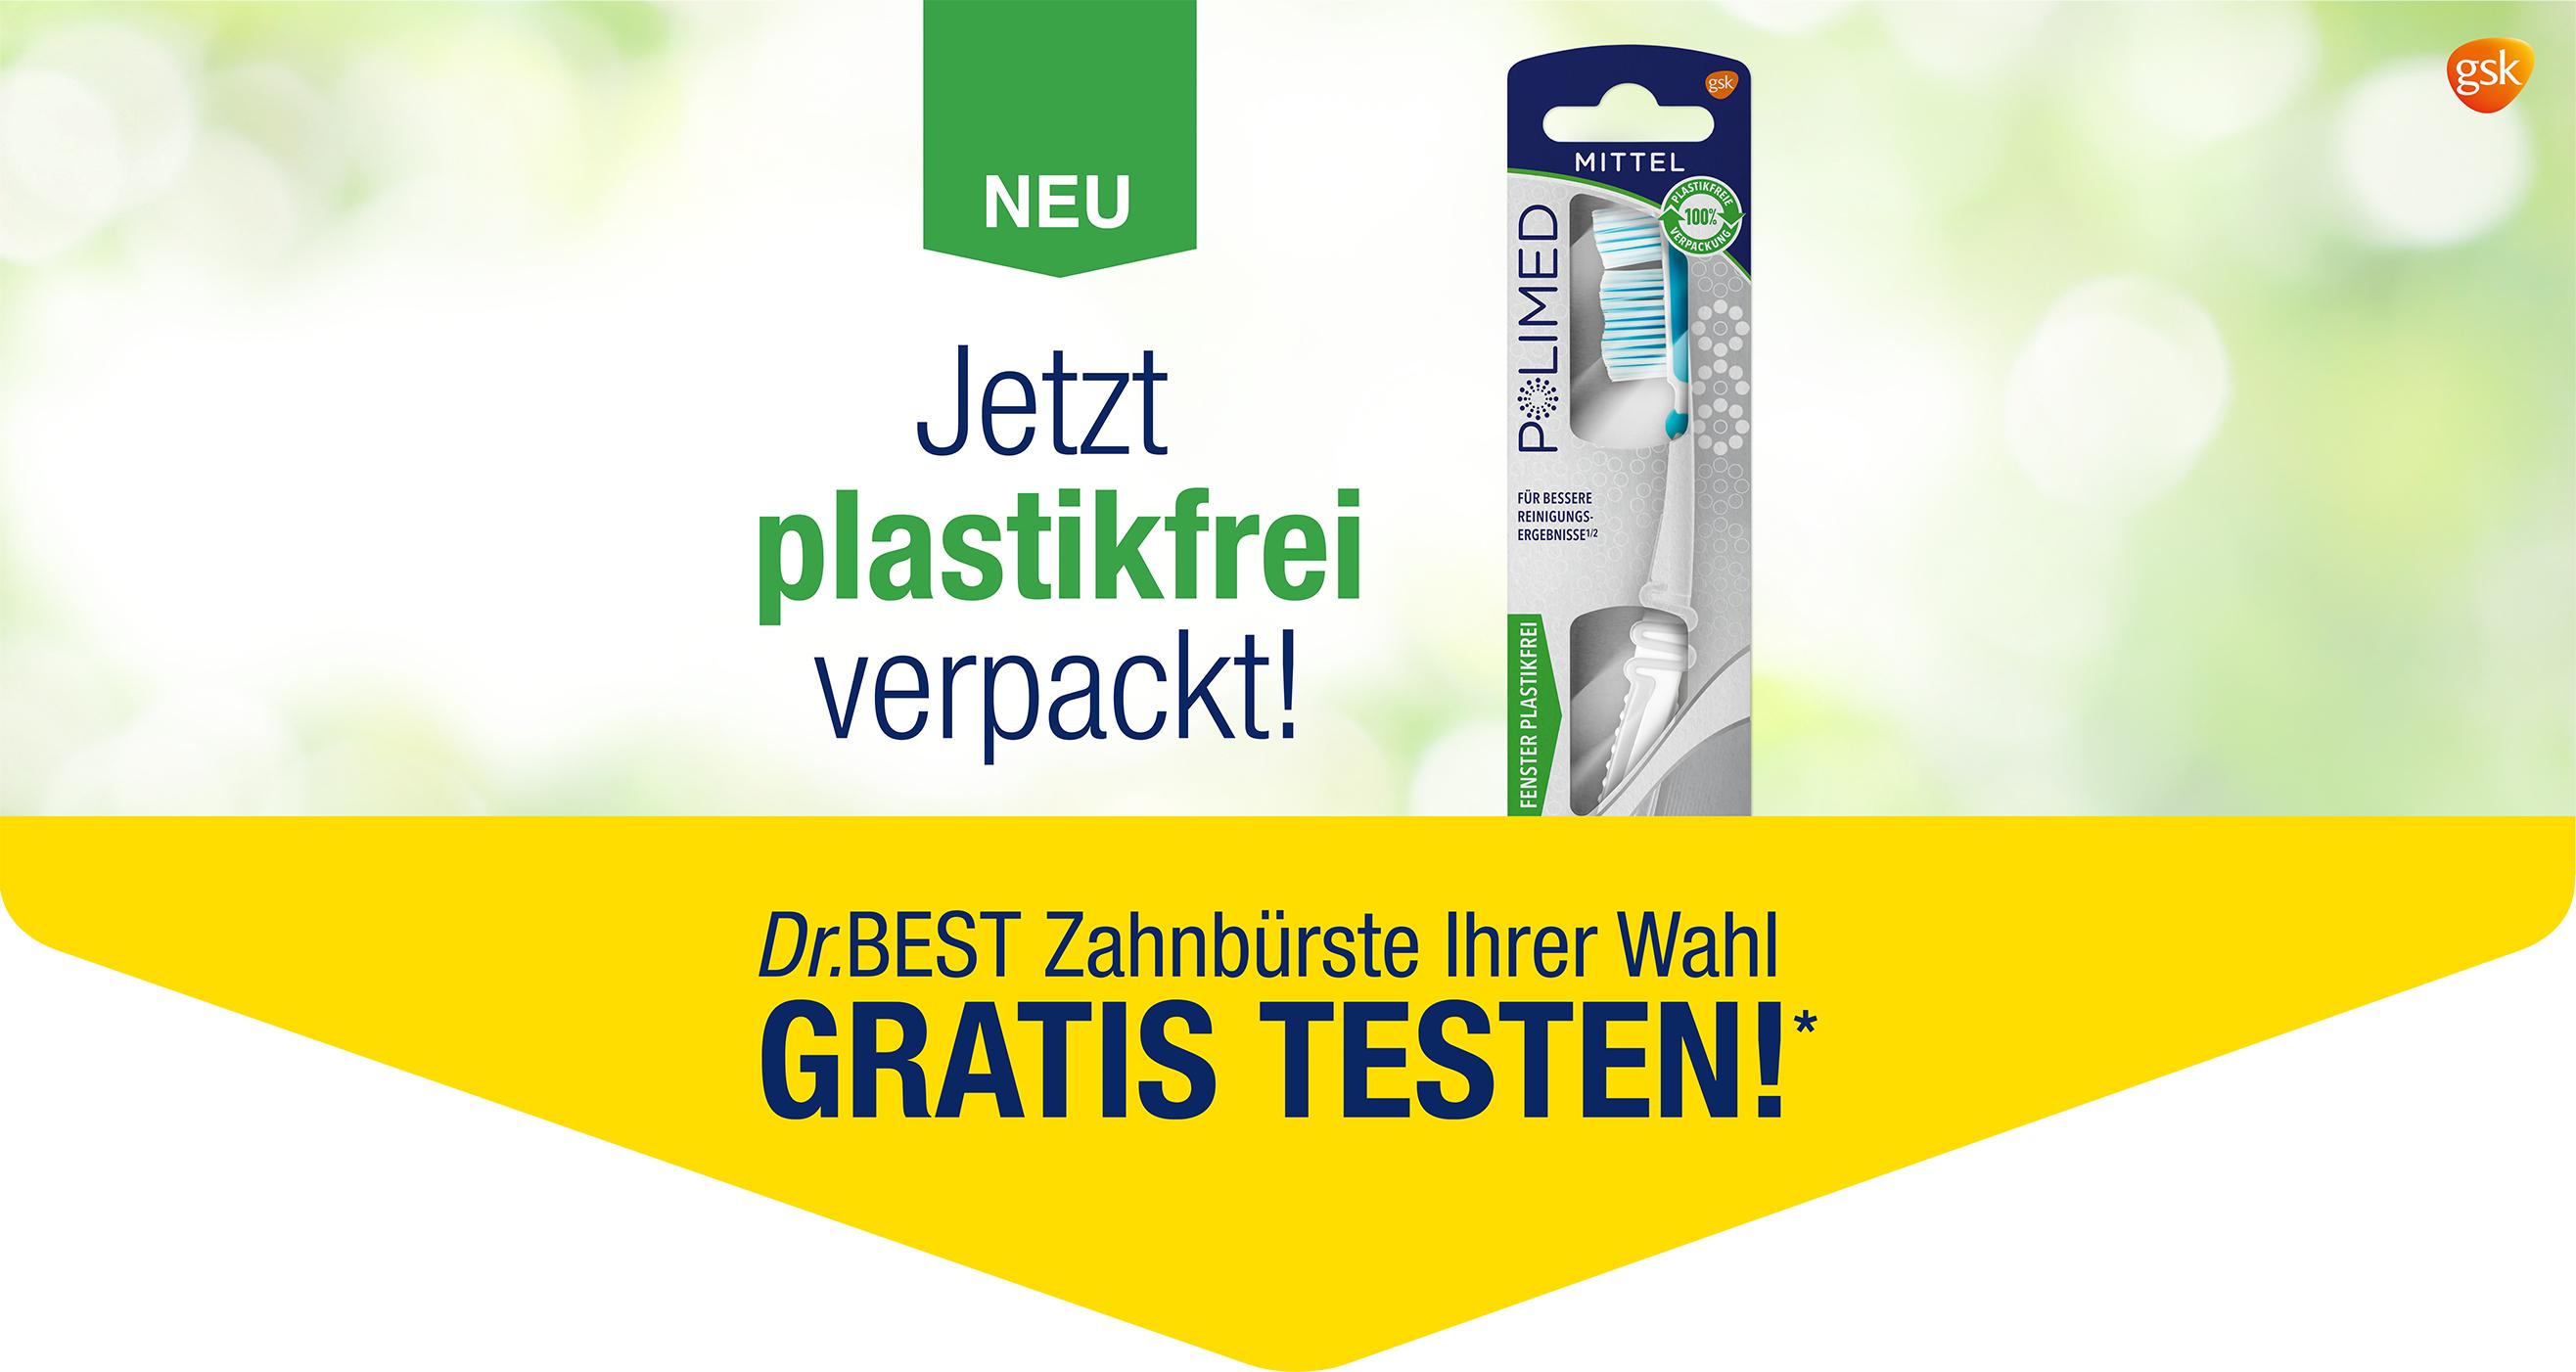 [GzG] Für eine Dr. Best Zahnbürste nach Wahl 100% Geld zurück - neue Aktion ab 15. März 2021